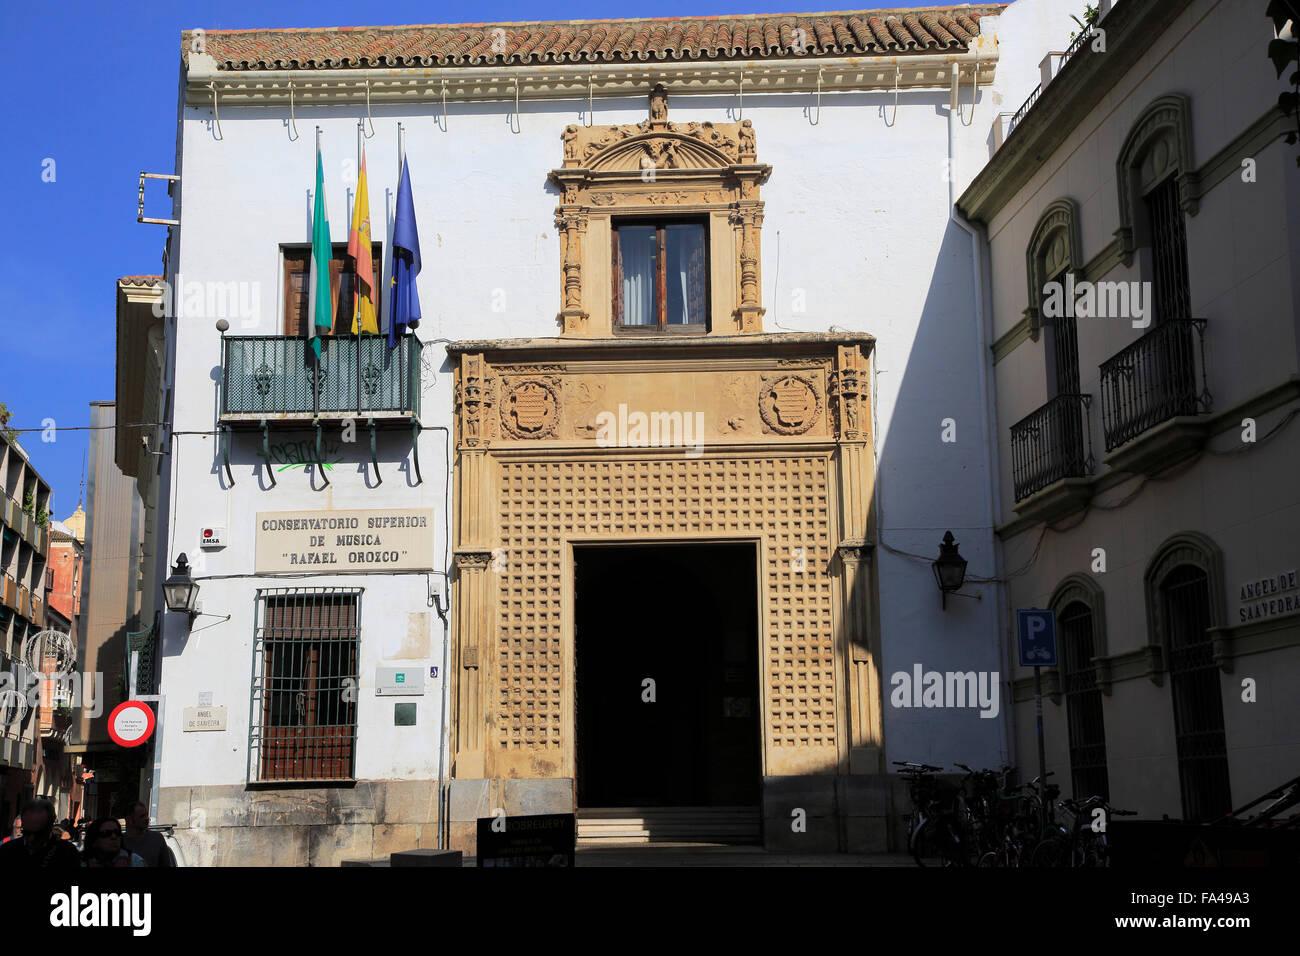 Edificio conservatorio de música, el Conservatorio Superior de Música de Rafael Orozco, en la parte vieja Imagen De Stock